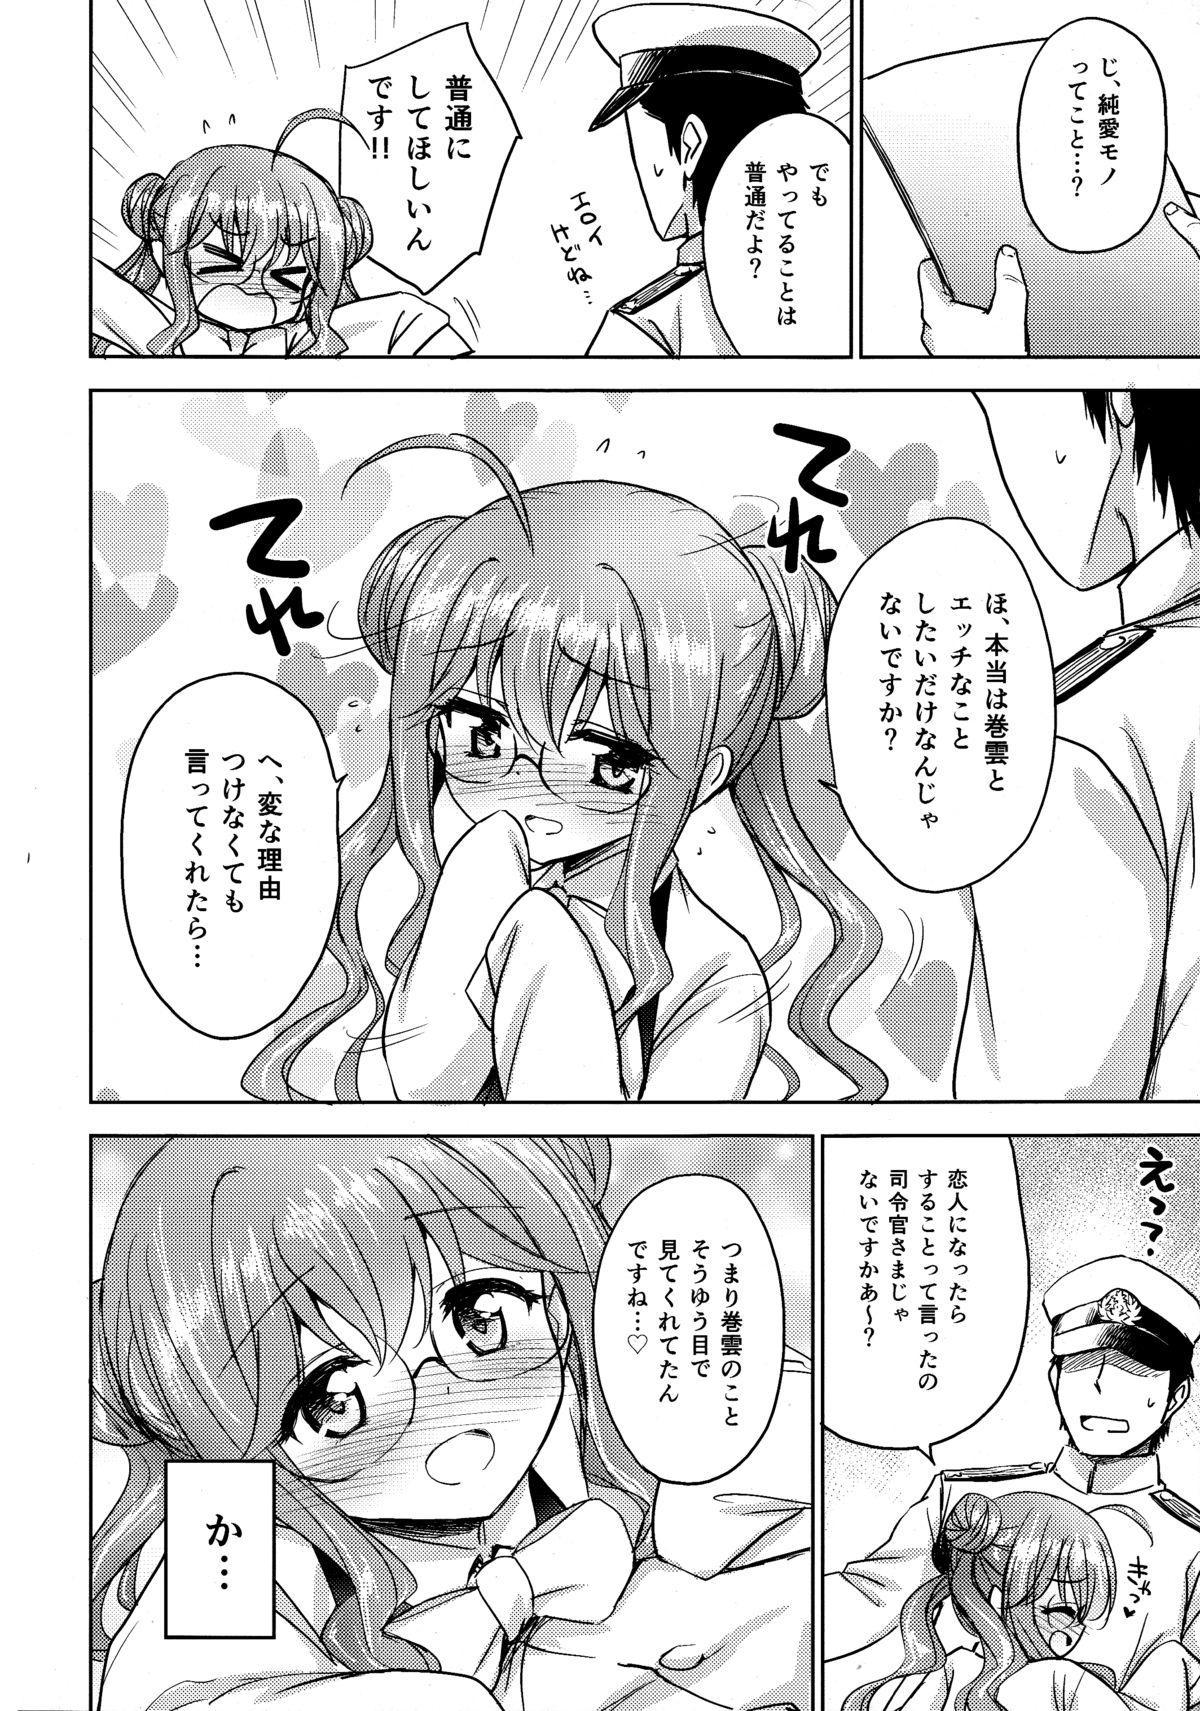 Makigumo VS Ero Hon 18